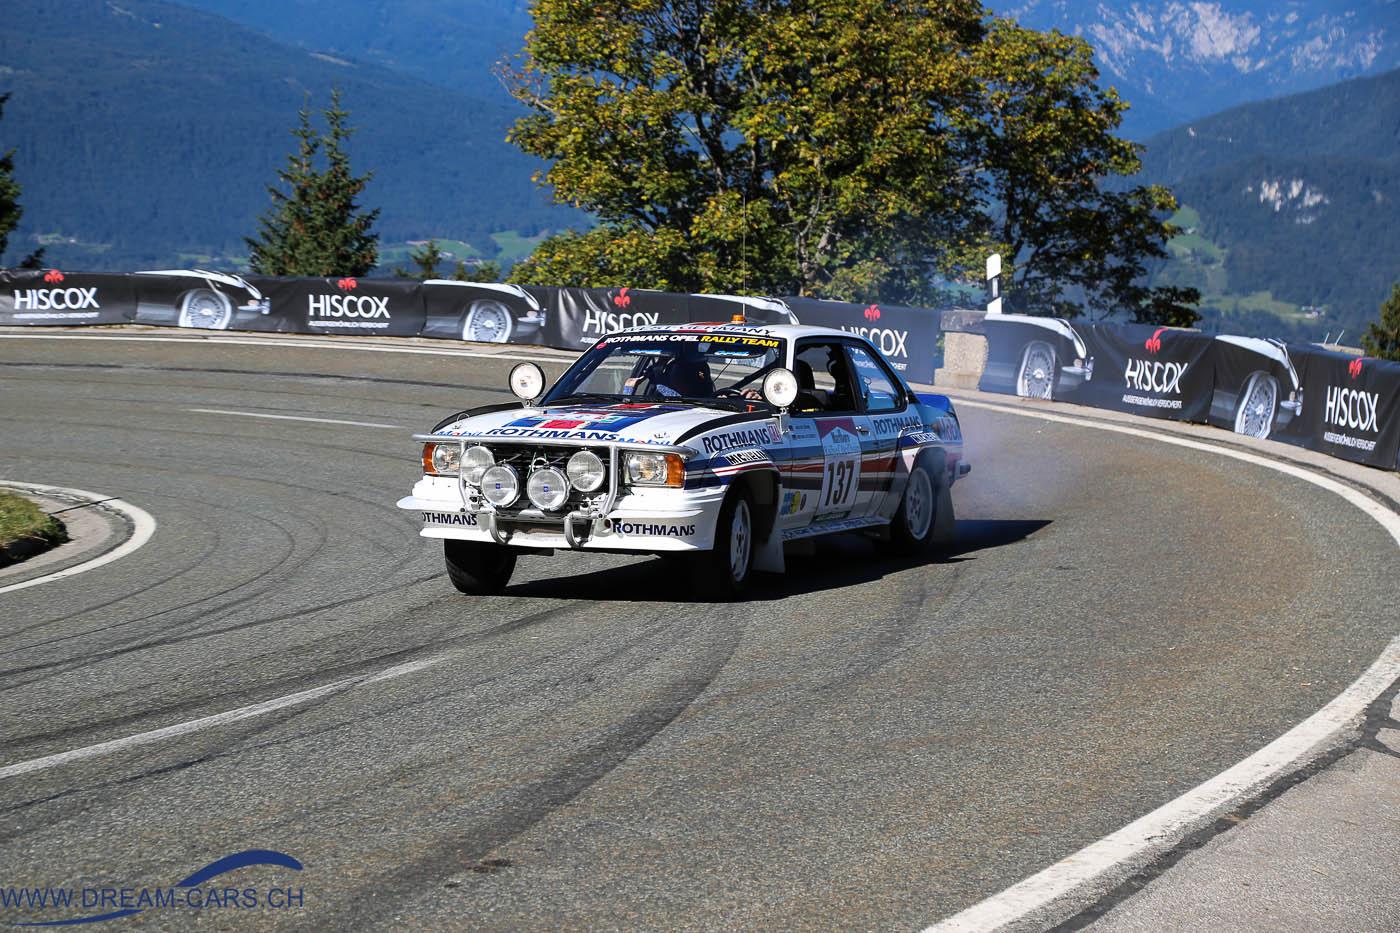 Rossfeldrennen 2016 Zielkurve Opel Ascona 400 ex Walter Röhrl in gekonntem aber sicheren Drift. Das mögen die Zuschauer